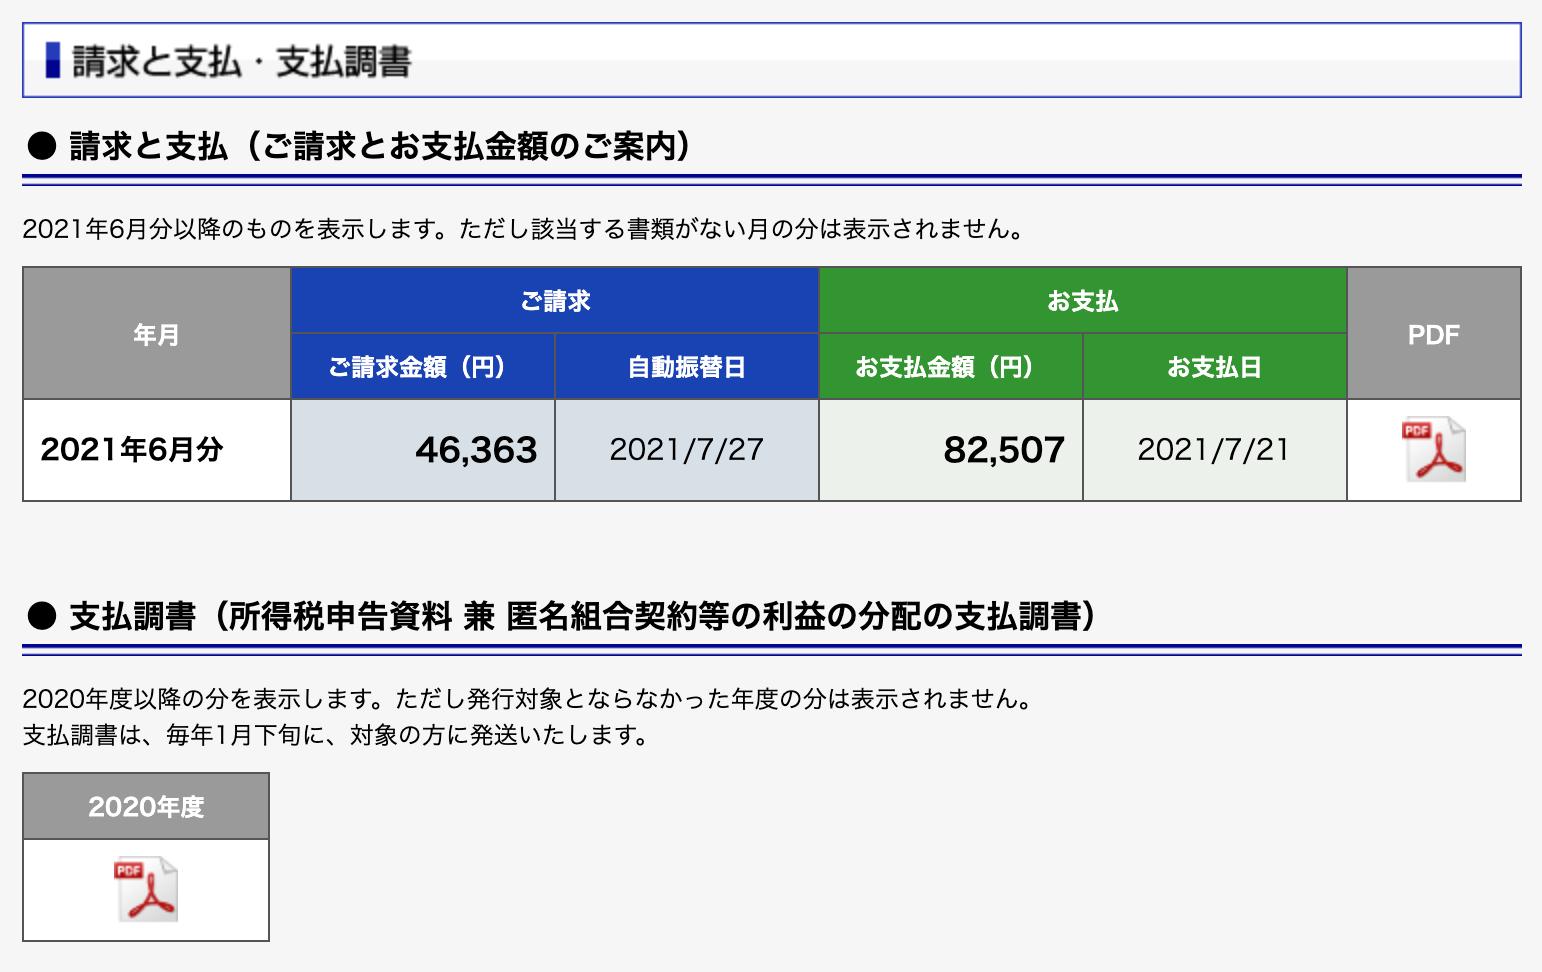 ウインRCが請求書・支払い調書をWEB化